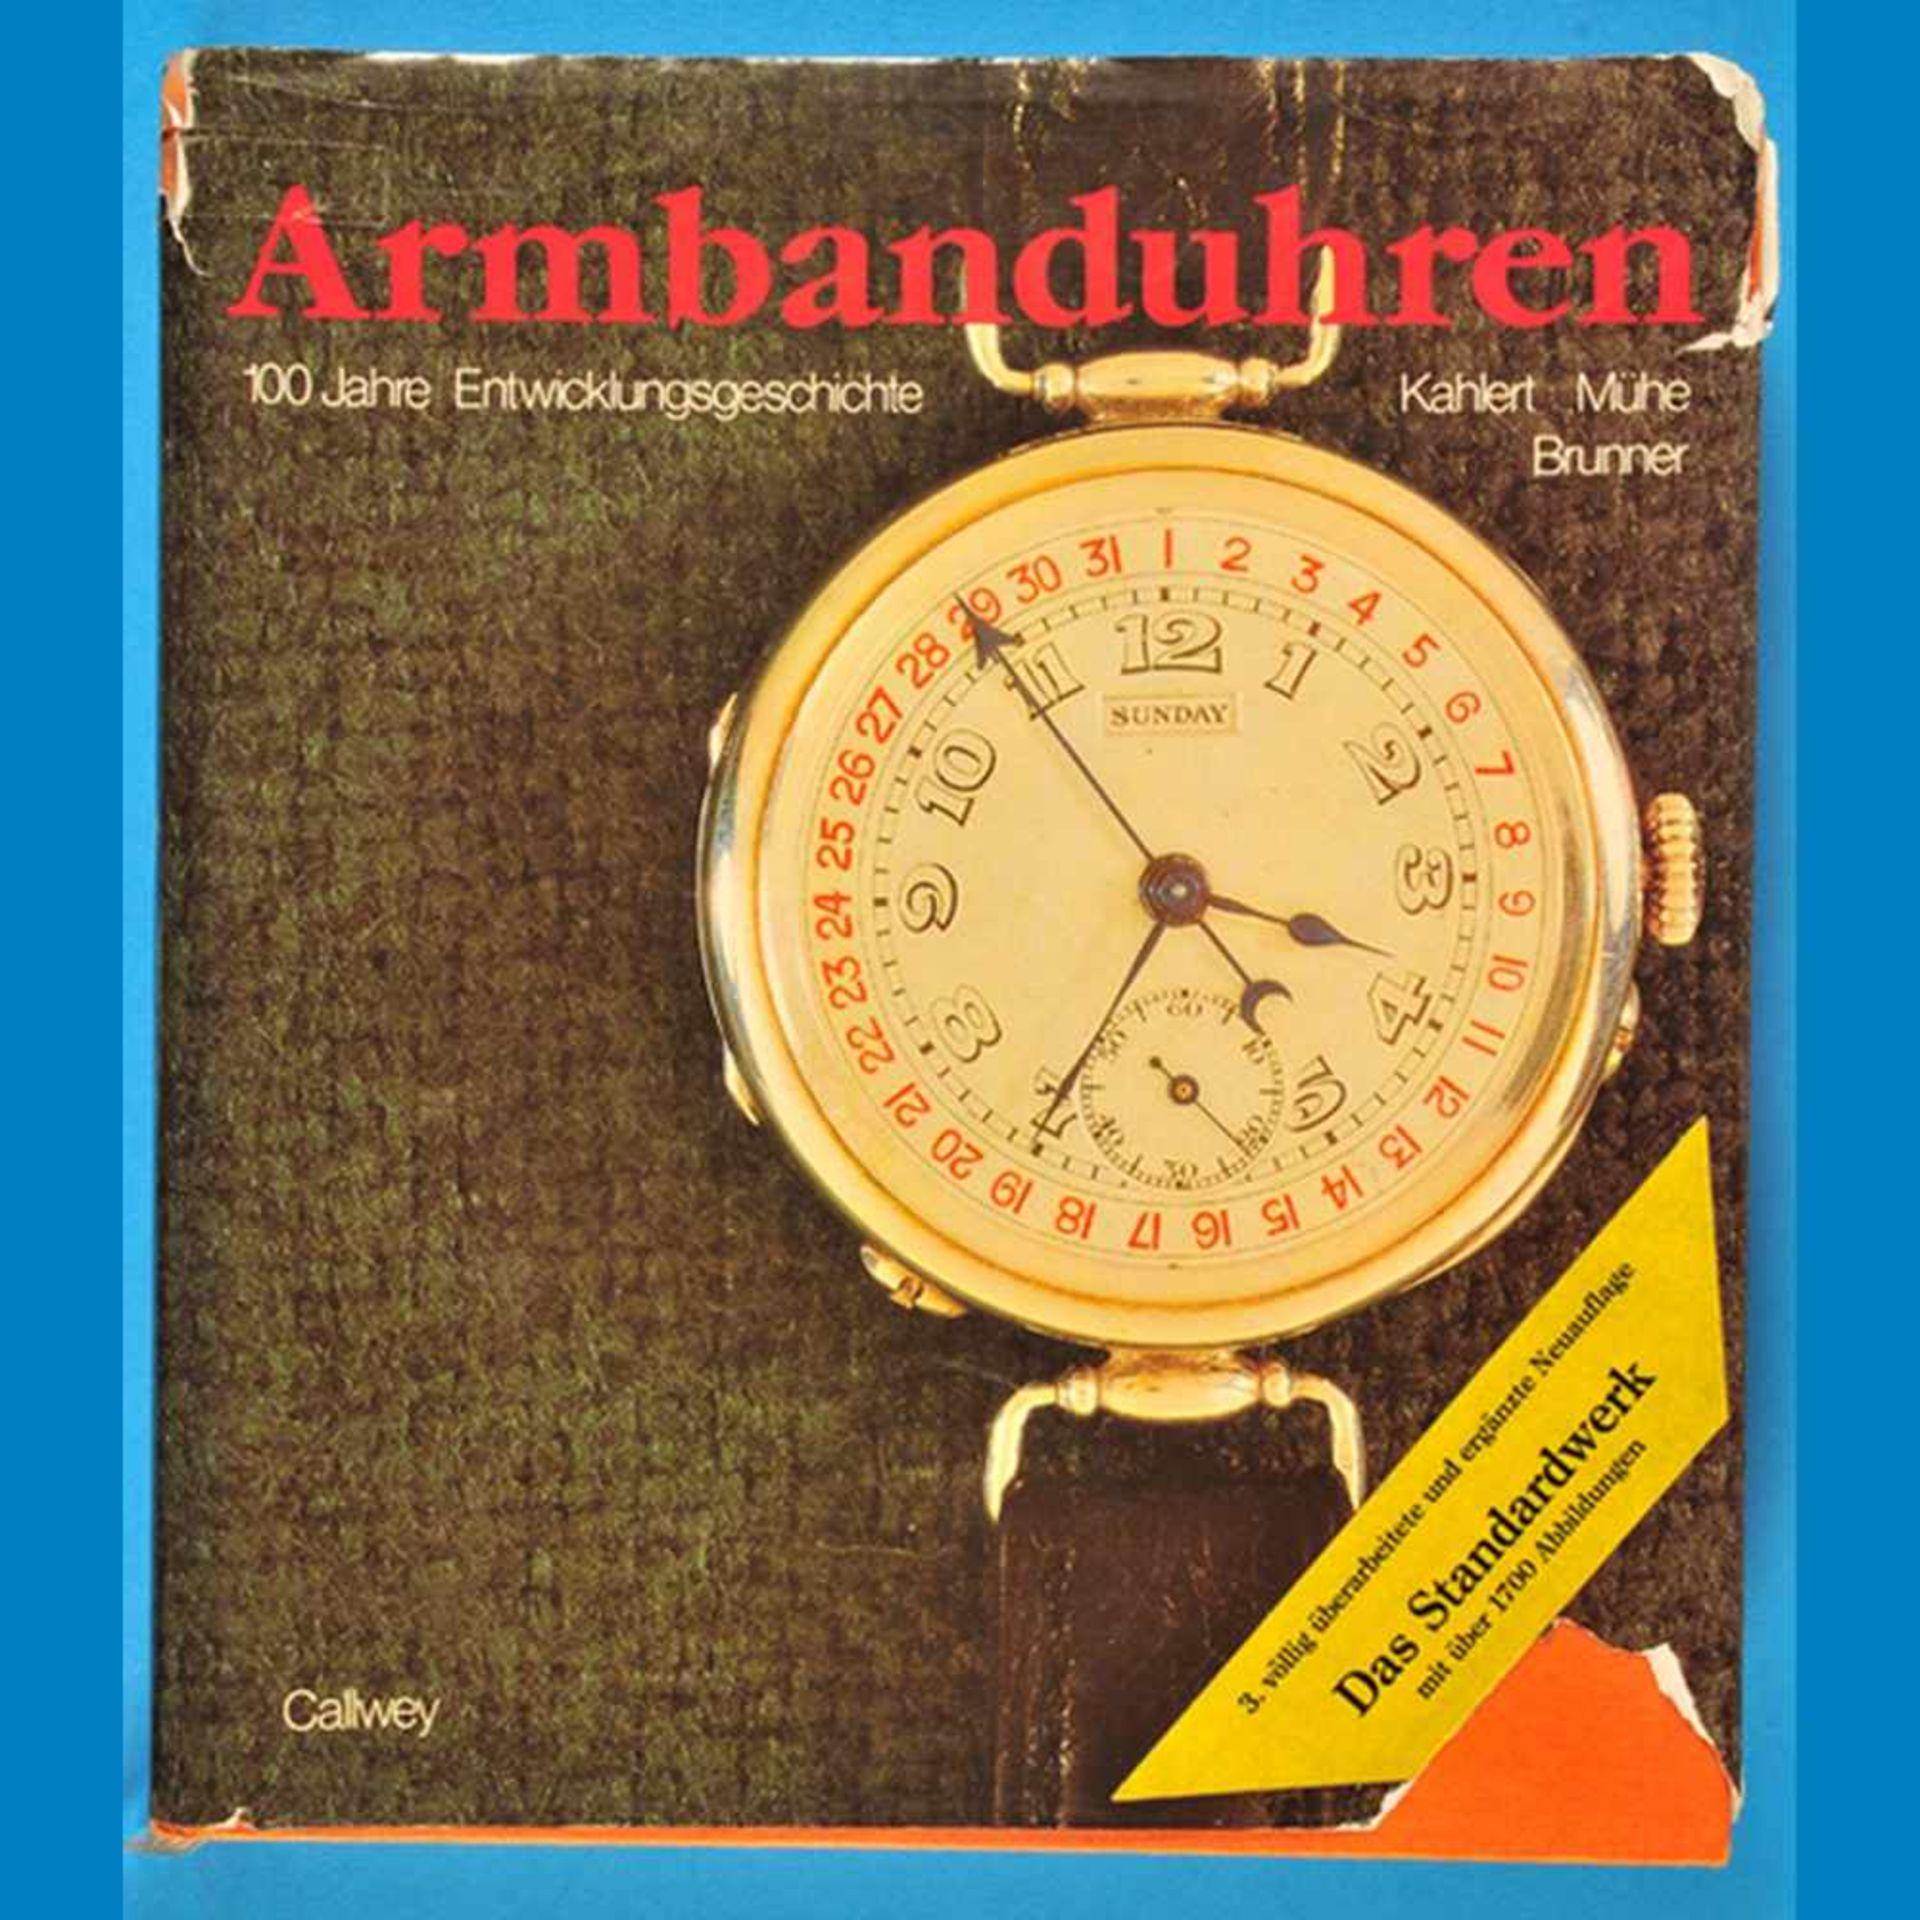 Kahlert/Mühe/Brunner, Armbanduhren - 100 Jahre Entwicklungsgeschichte, 3., völlig überarbeitete